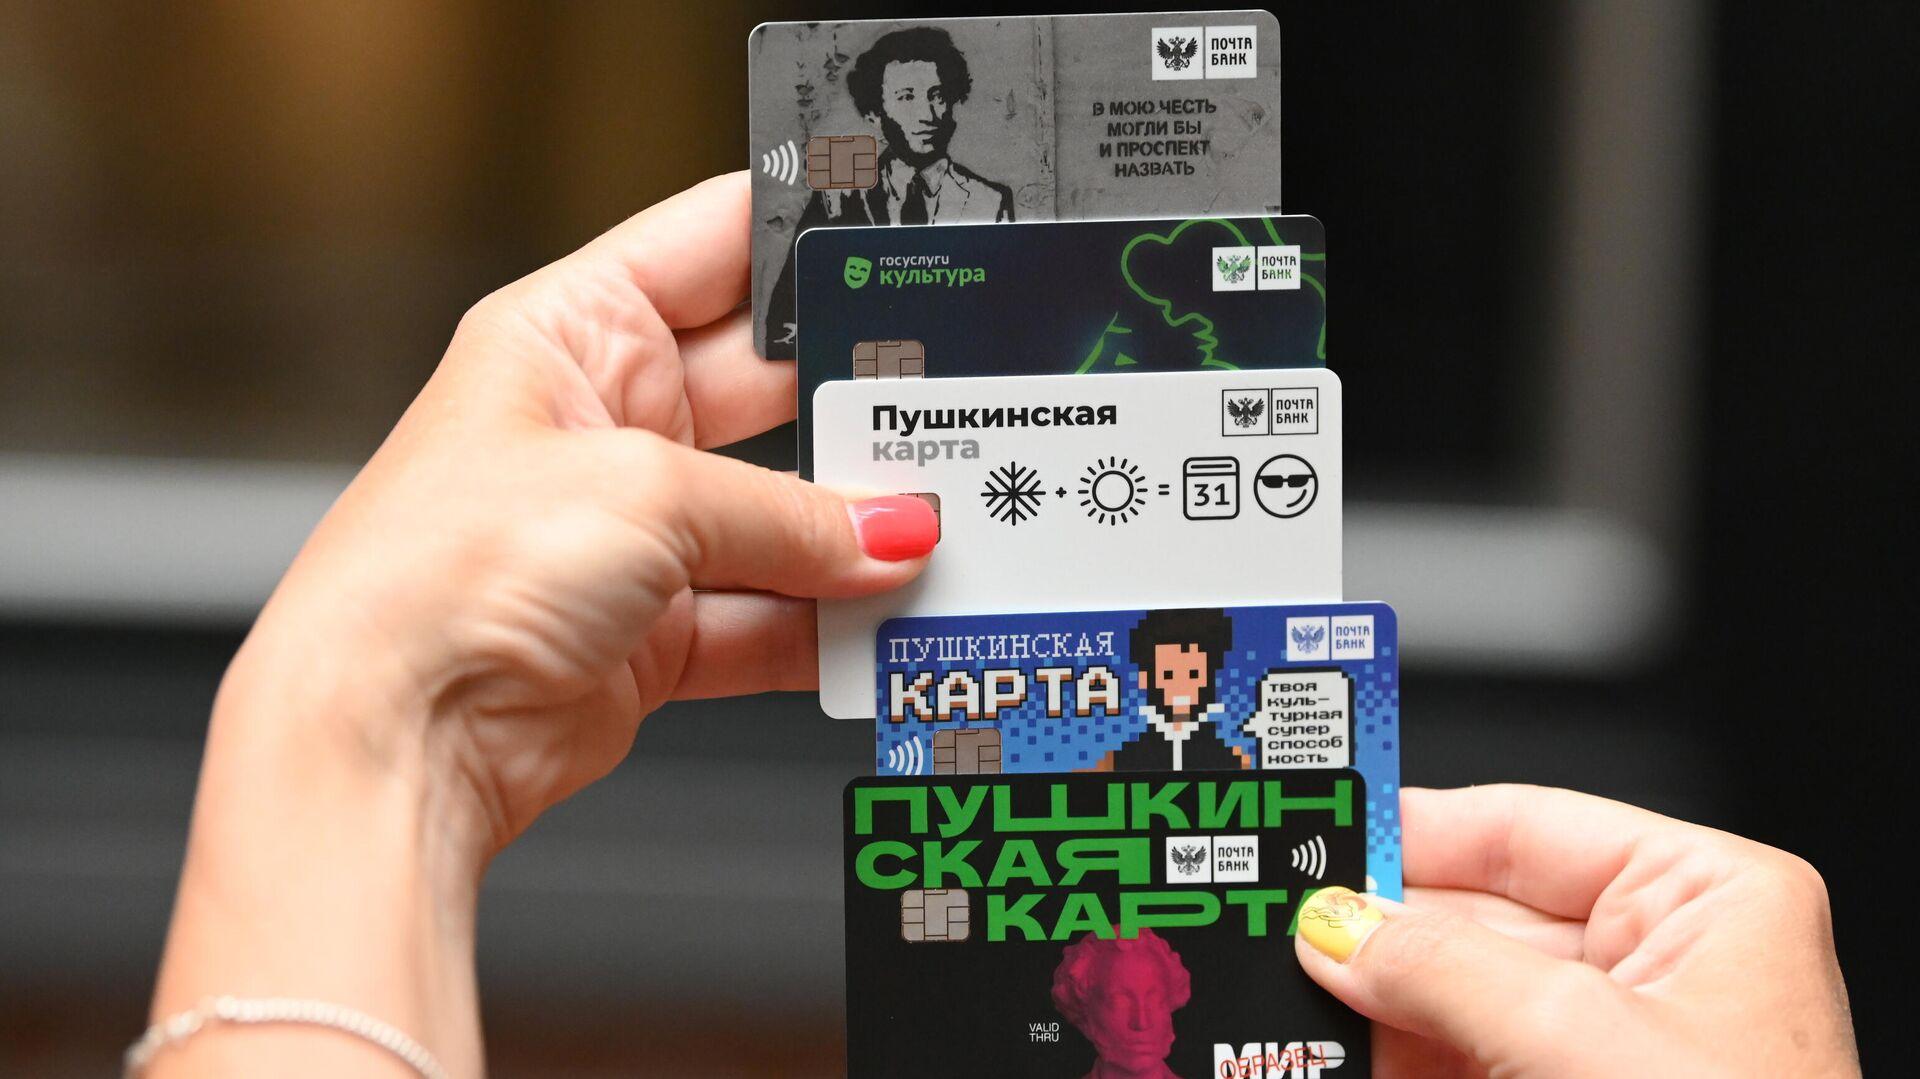 """Любимова предупредила о мошенниках, продающих """"Пушкинскую карту"""""""